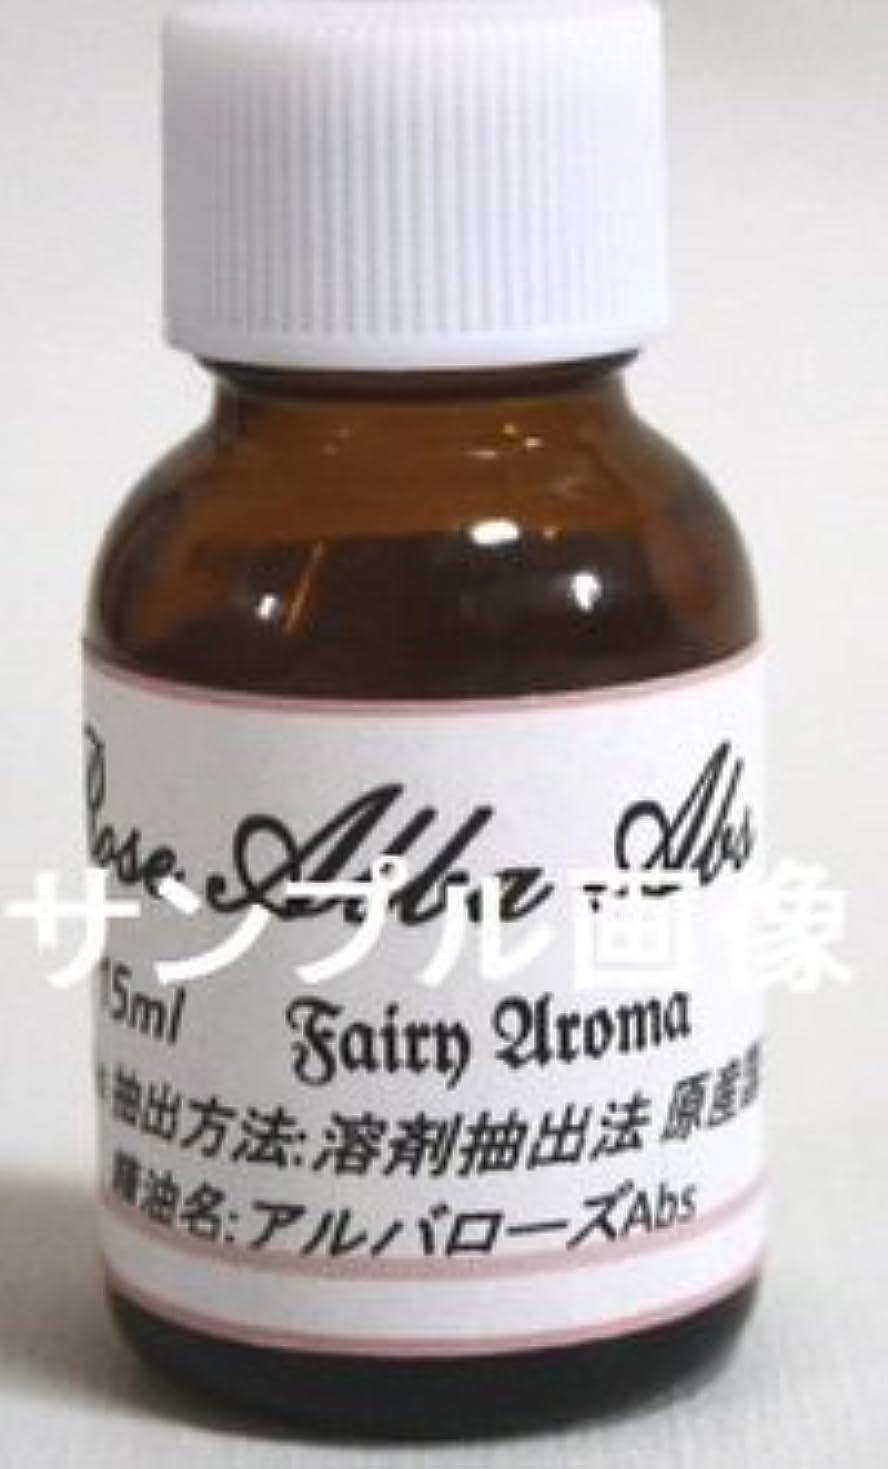 包帯ピット虫を数えるカモミールジャーマン 15ml フローラル系 精油 アロマオイル ブランド名【Fairy Aroma】 [並行輸入品]